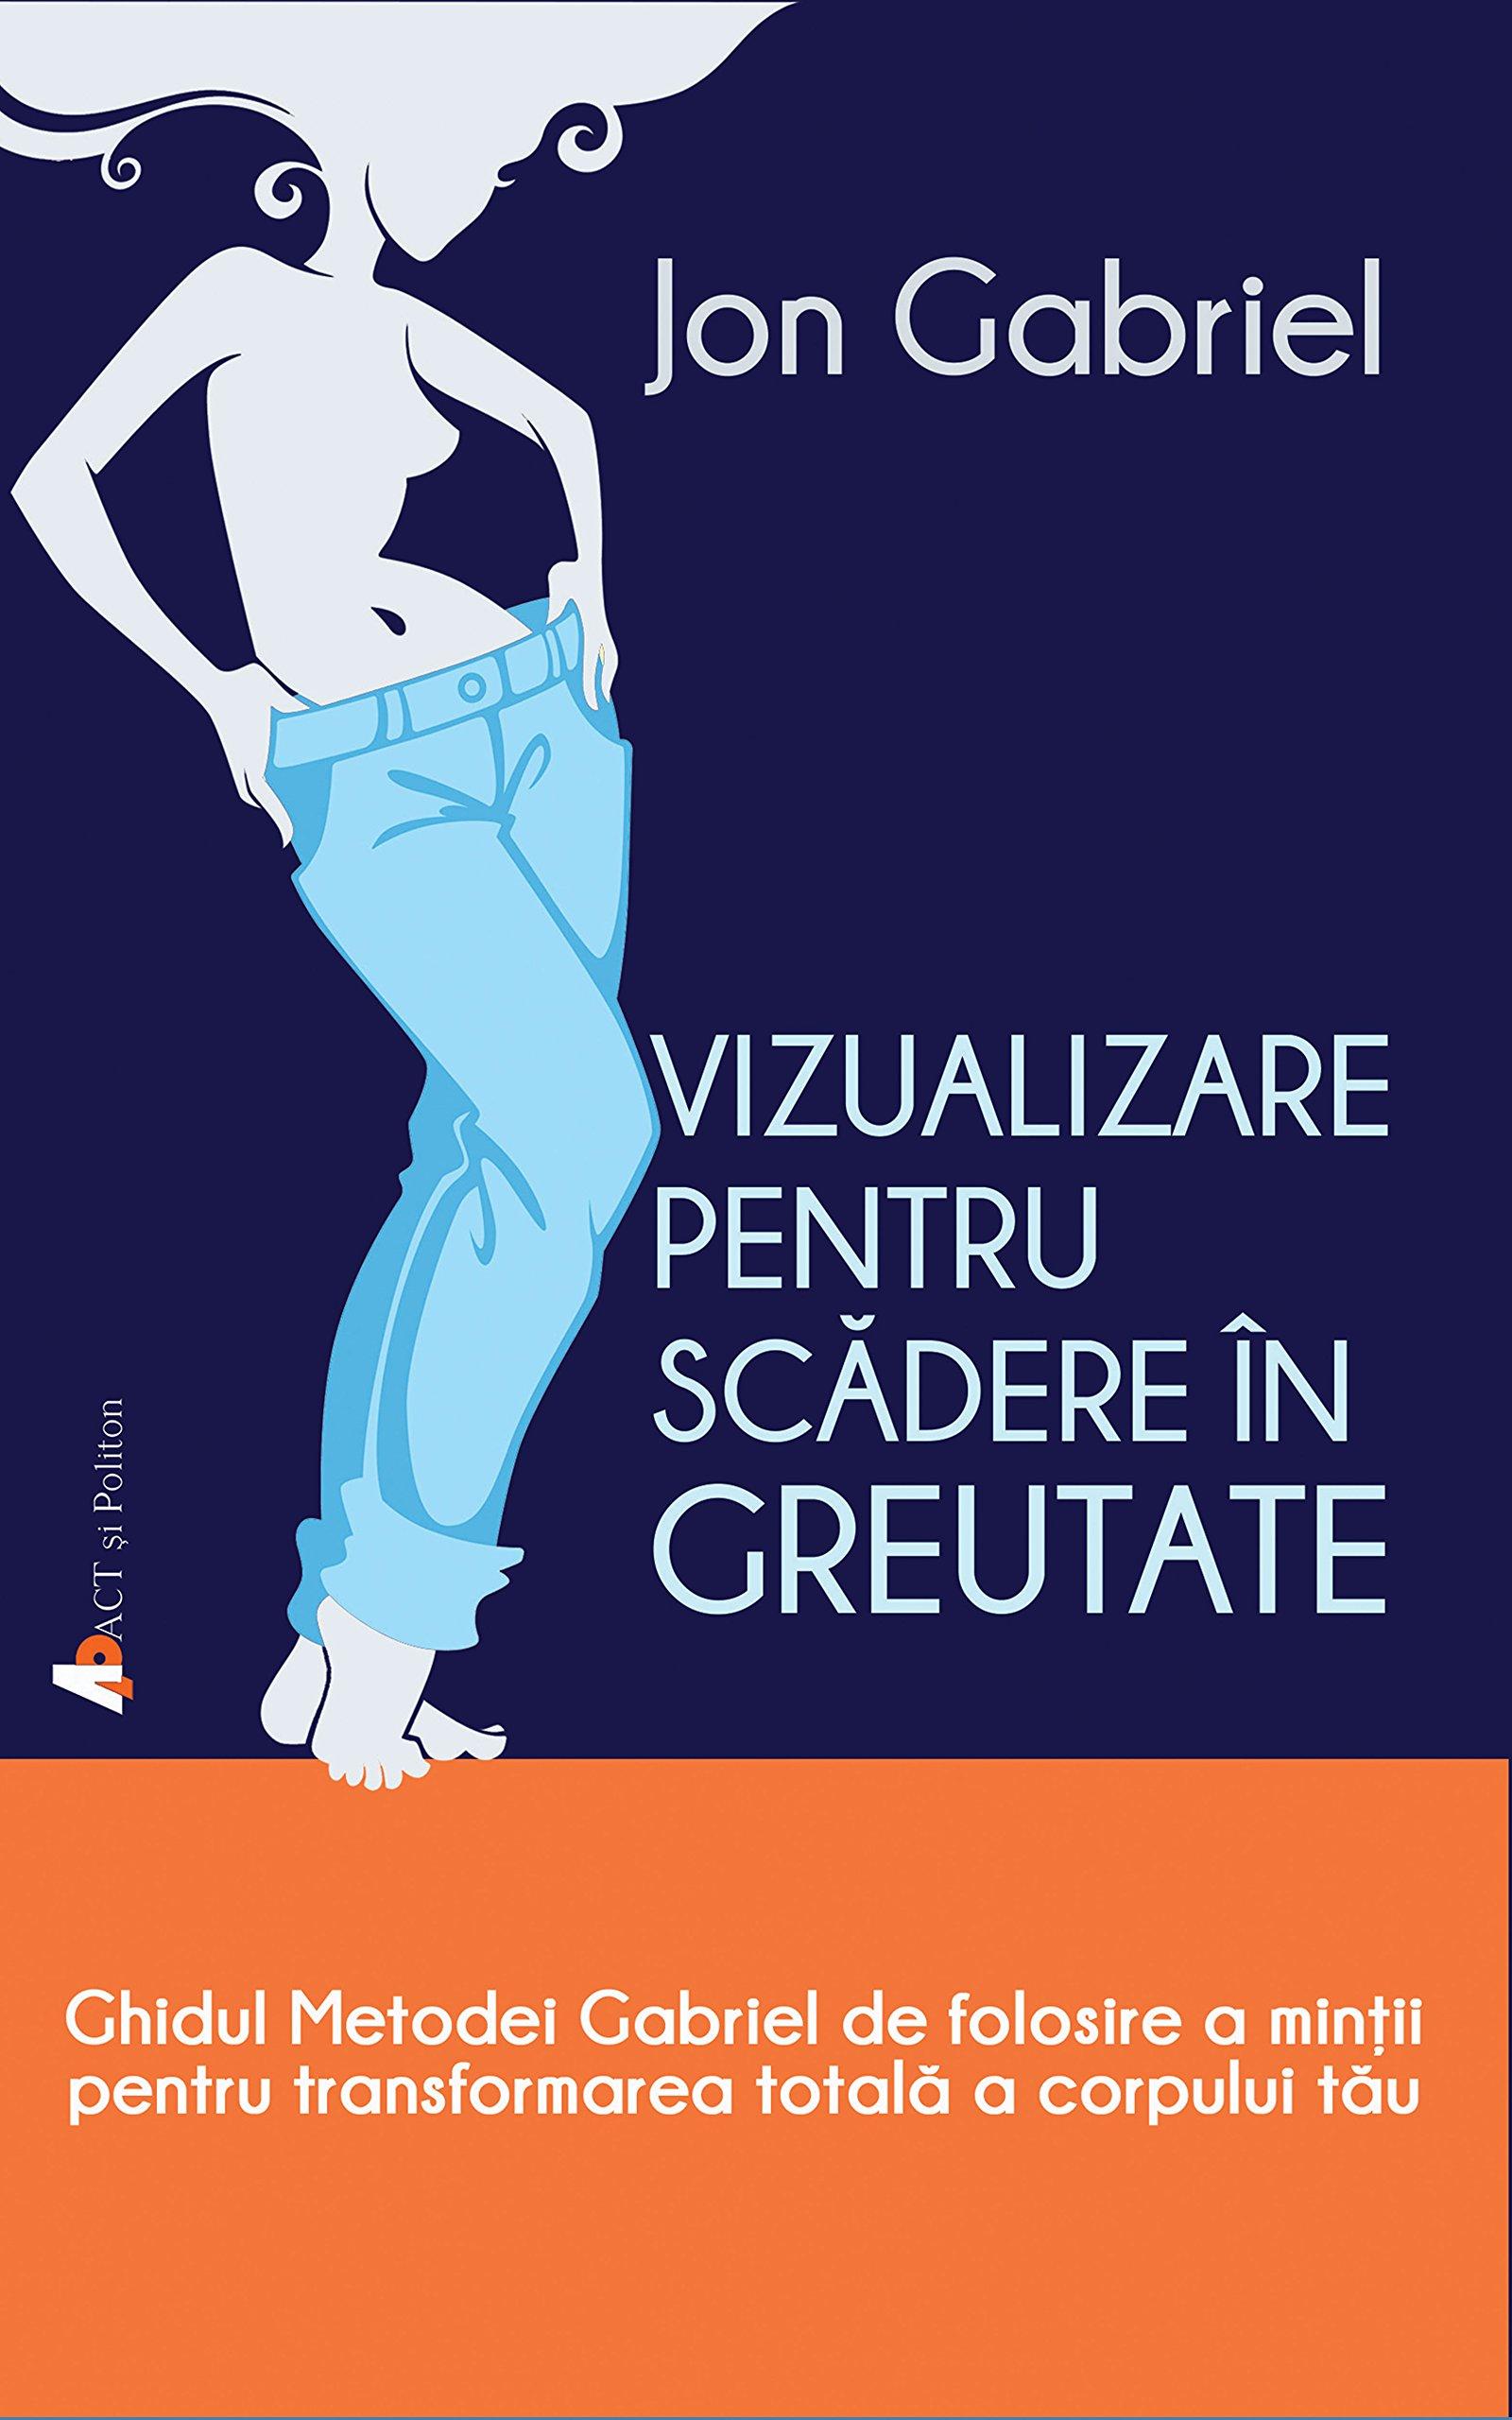 alegsatraiesc.ro - VIZUALIZARE PENTRU SCADERE IN GREUTATE - JON GABRIEL - Livres